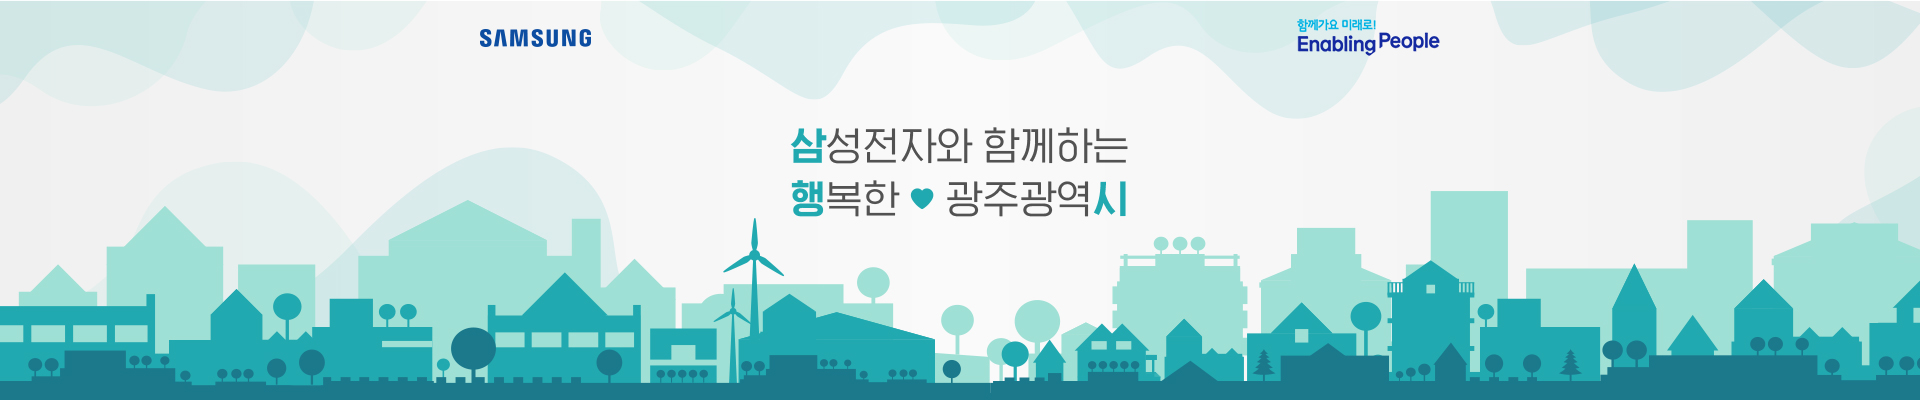 삼성전자와 함께하는 행복한 광주광역시